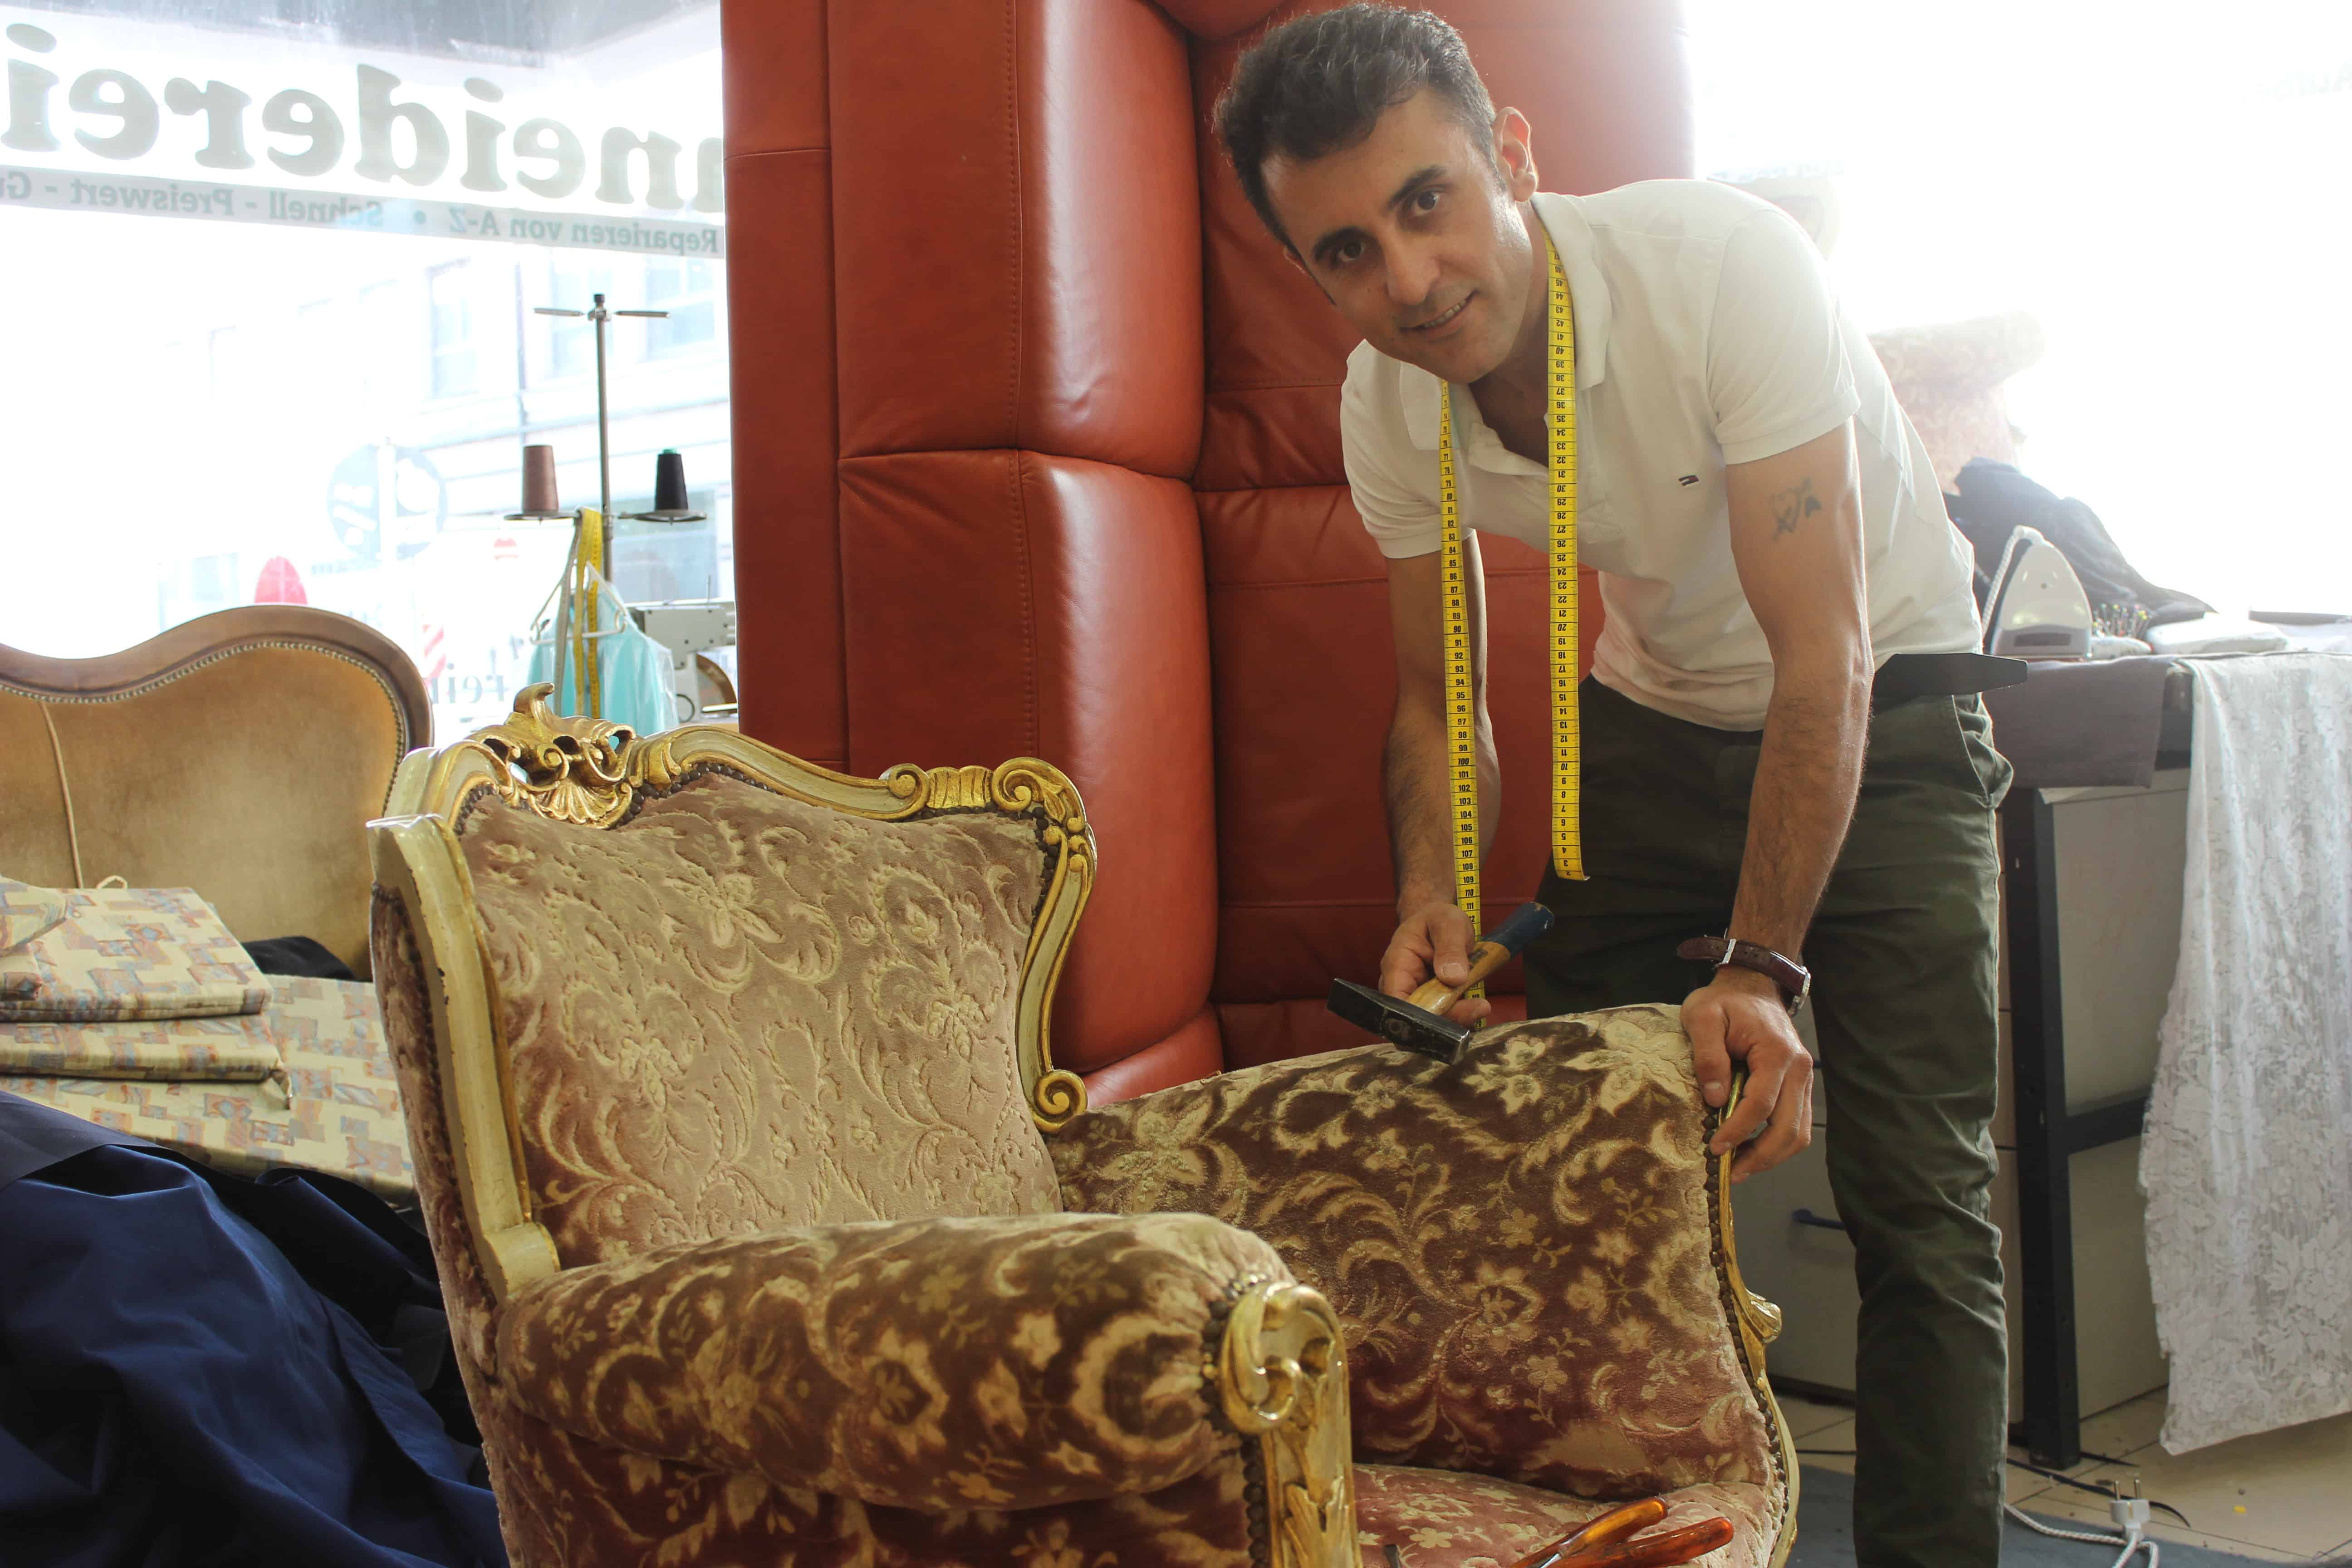 Teppichdoktor und Schneiderei & Polsterei Rashid: Kur für Stoffe und Teppiche